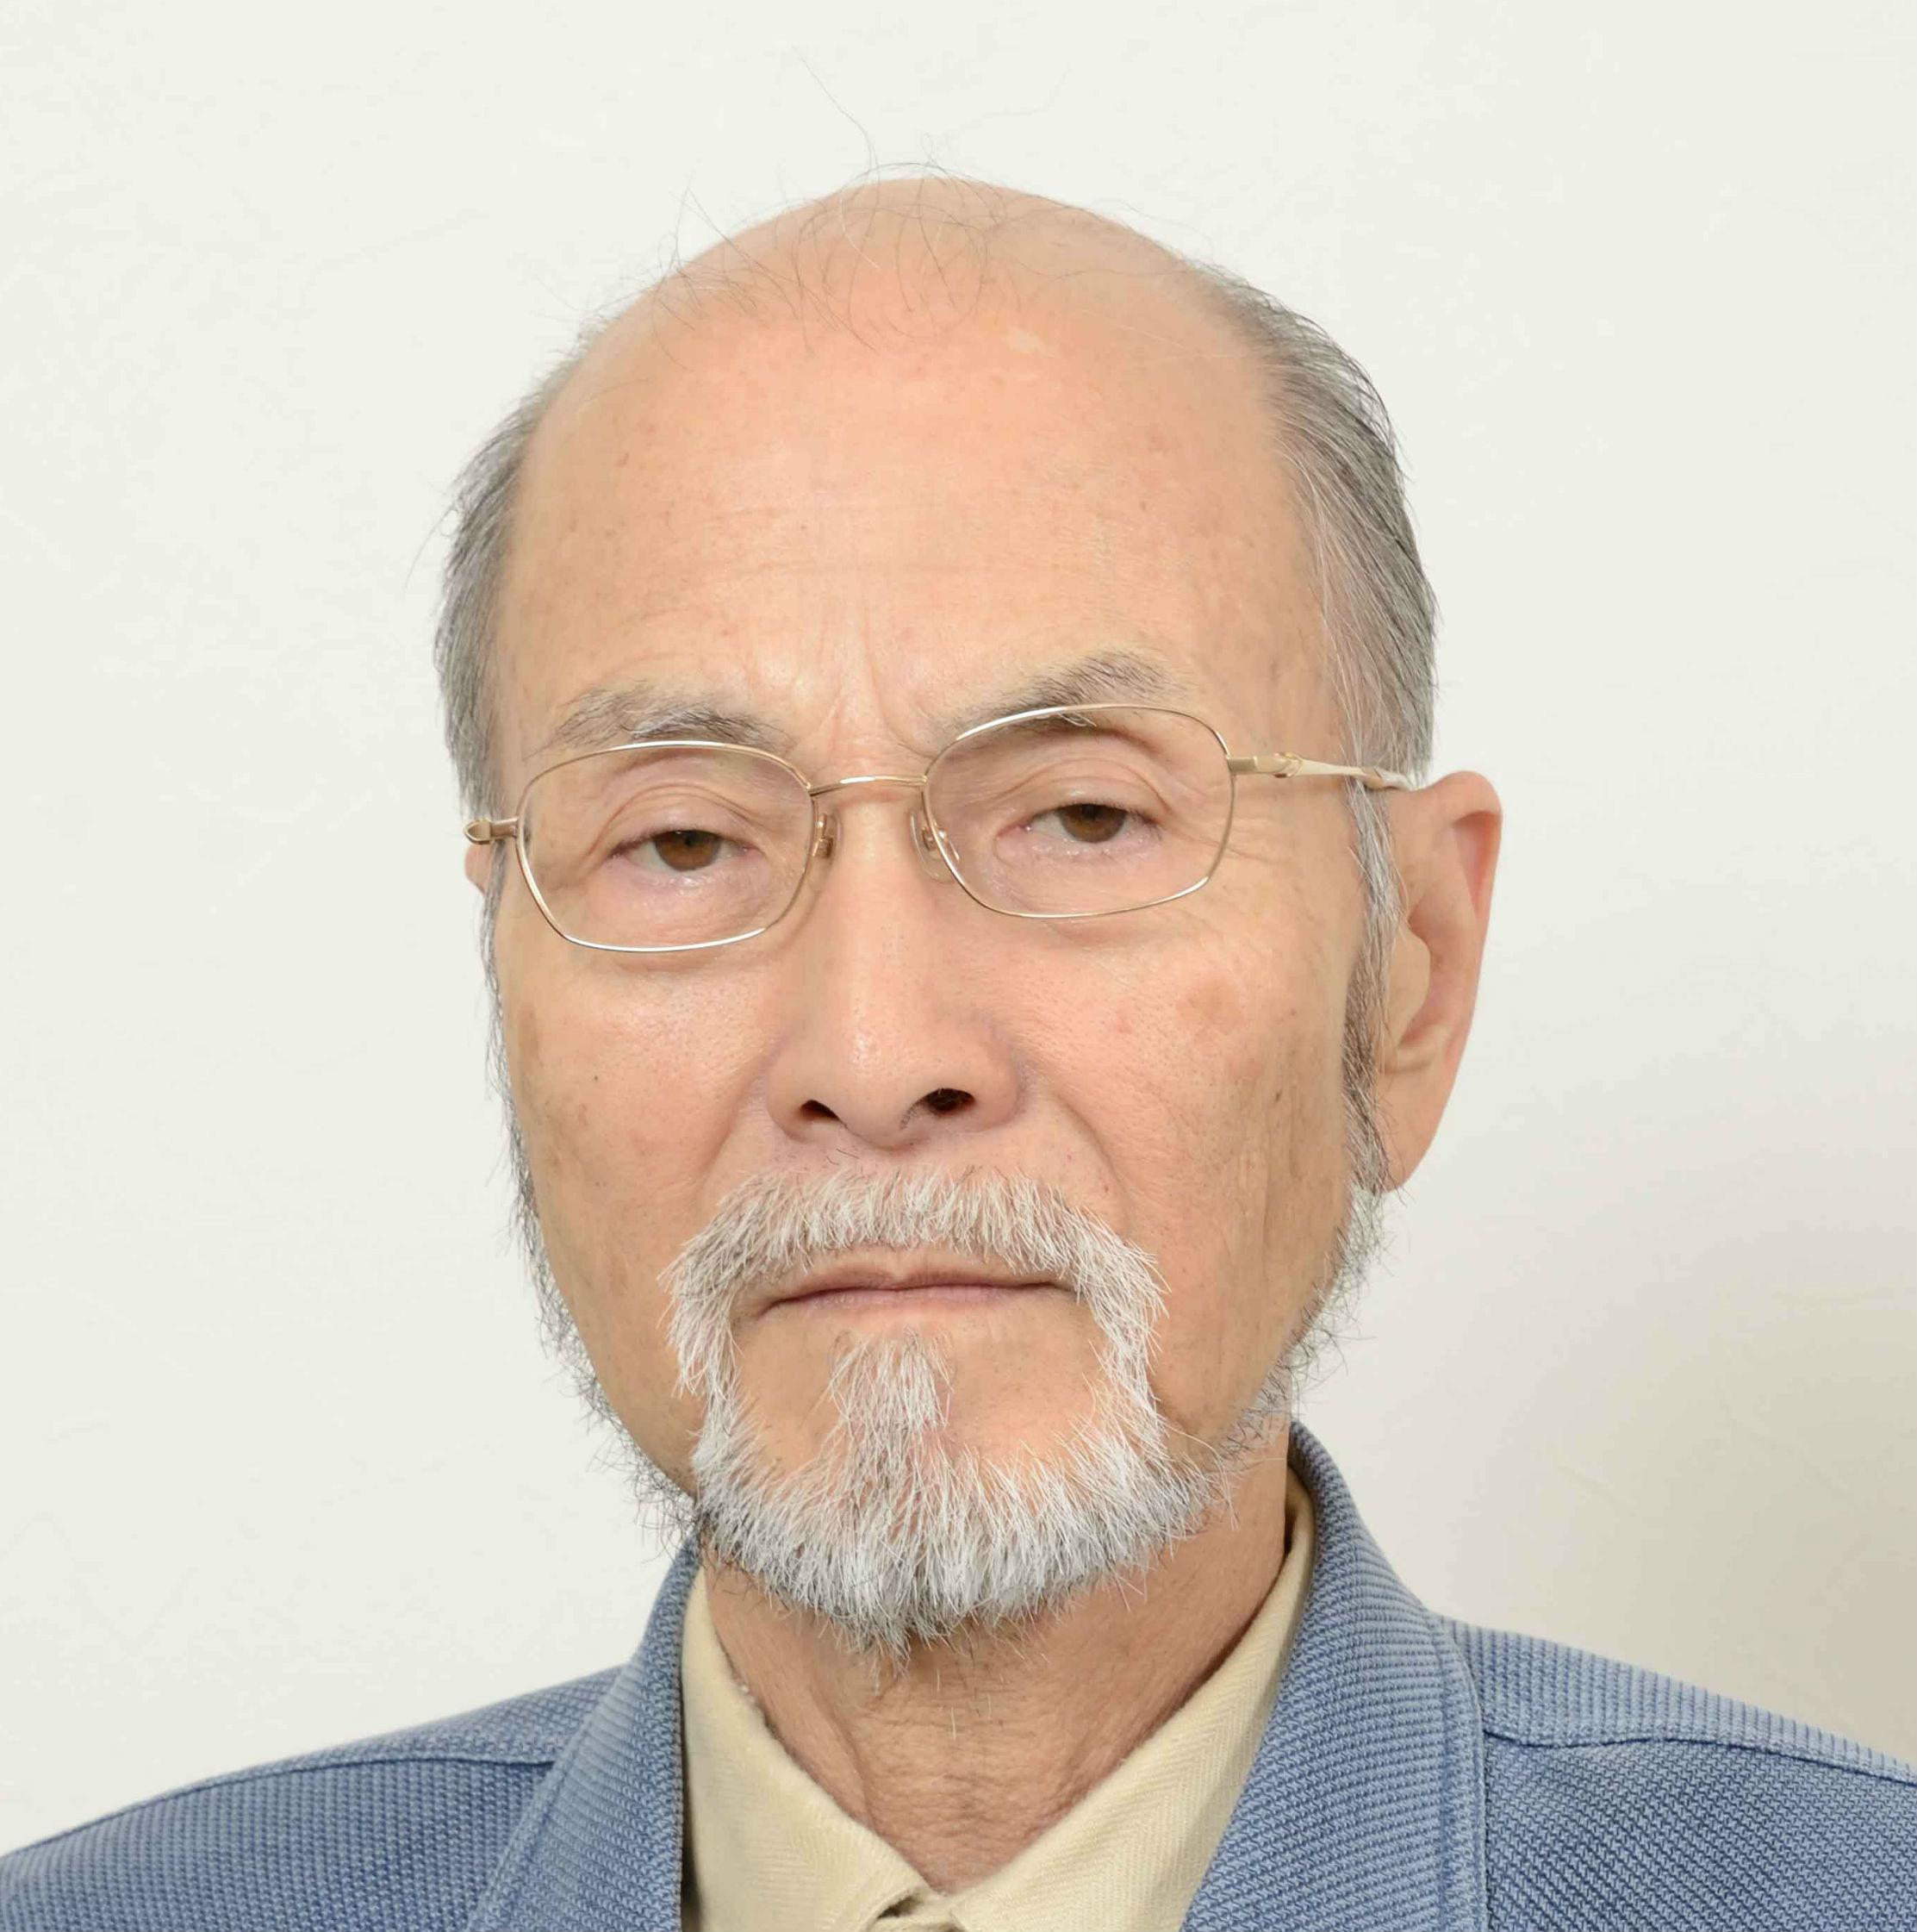 「トンデモ名古屋論」の陰に日本の知的頽廃